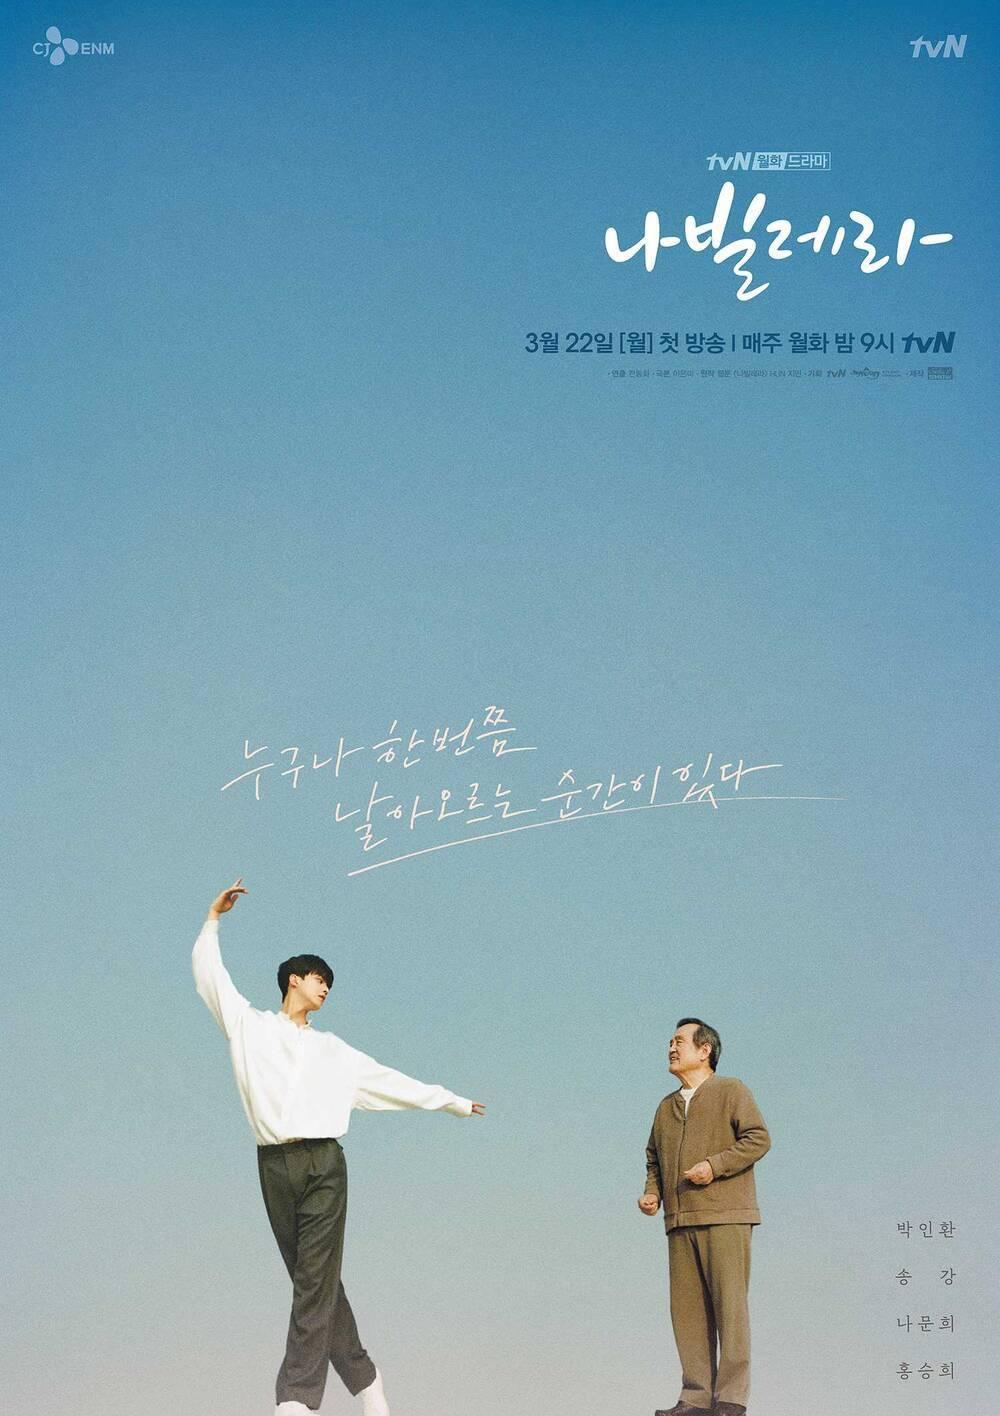 Phim truyền hình Hàn Quốc tháng 3: Đa dạng thể loại, từ lãng mạn, hài hước đến kinh dị Ảnh 12